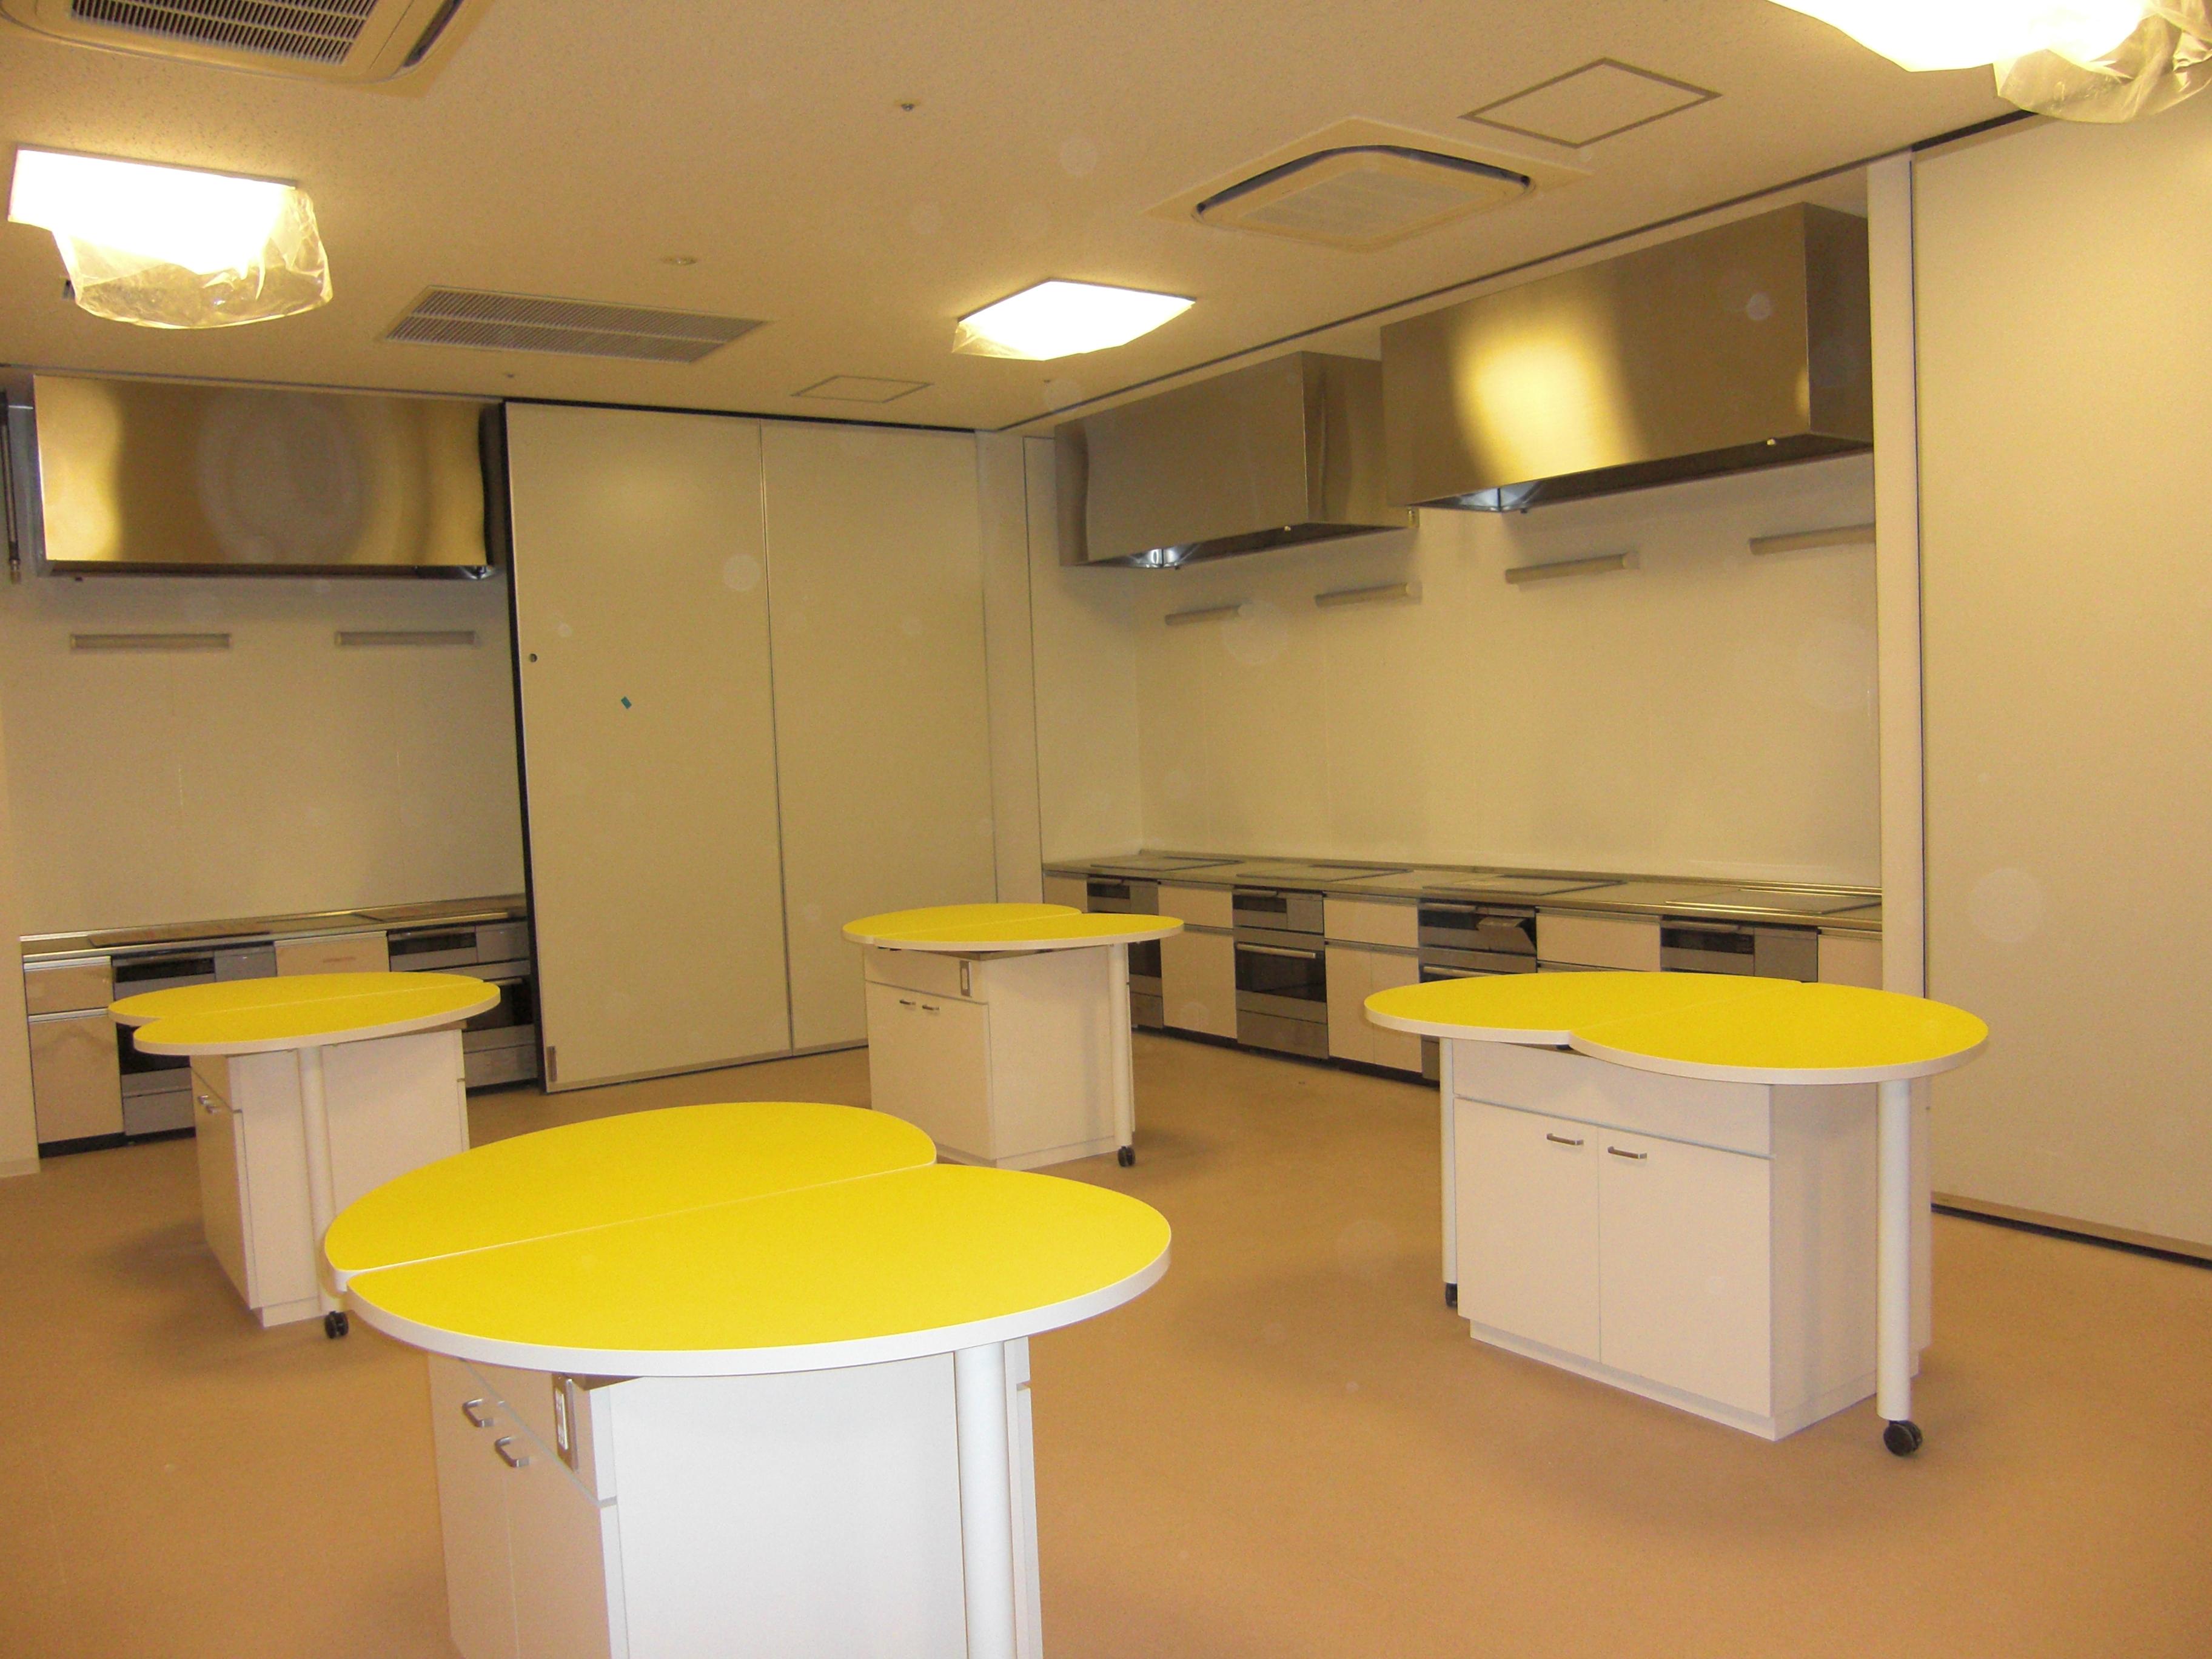 調理室。右奥はIHテーブル。前のテーブルは流し台。蛇口は収納式。